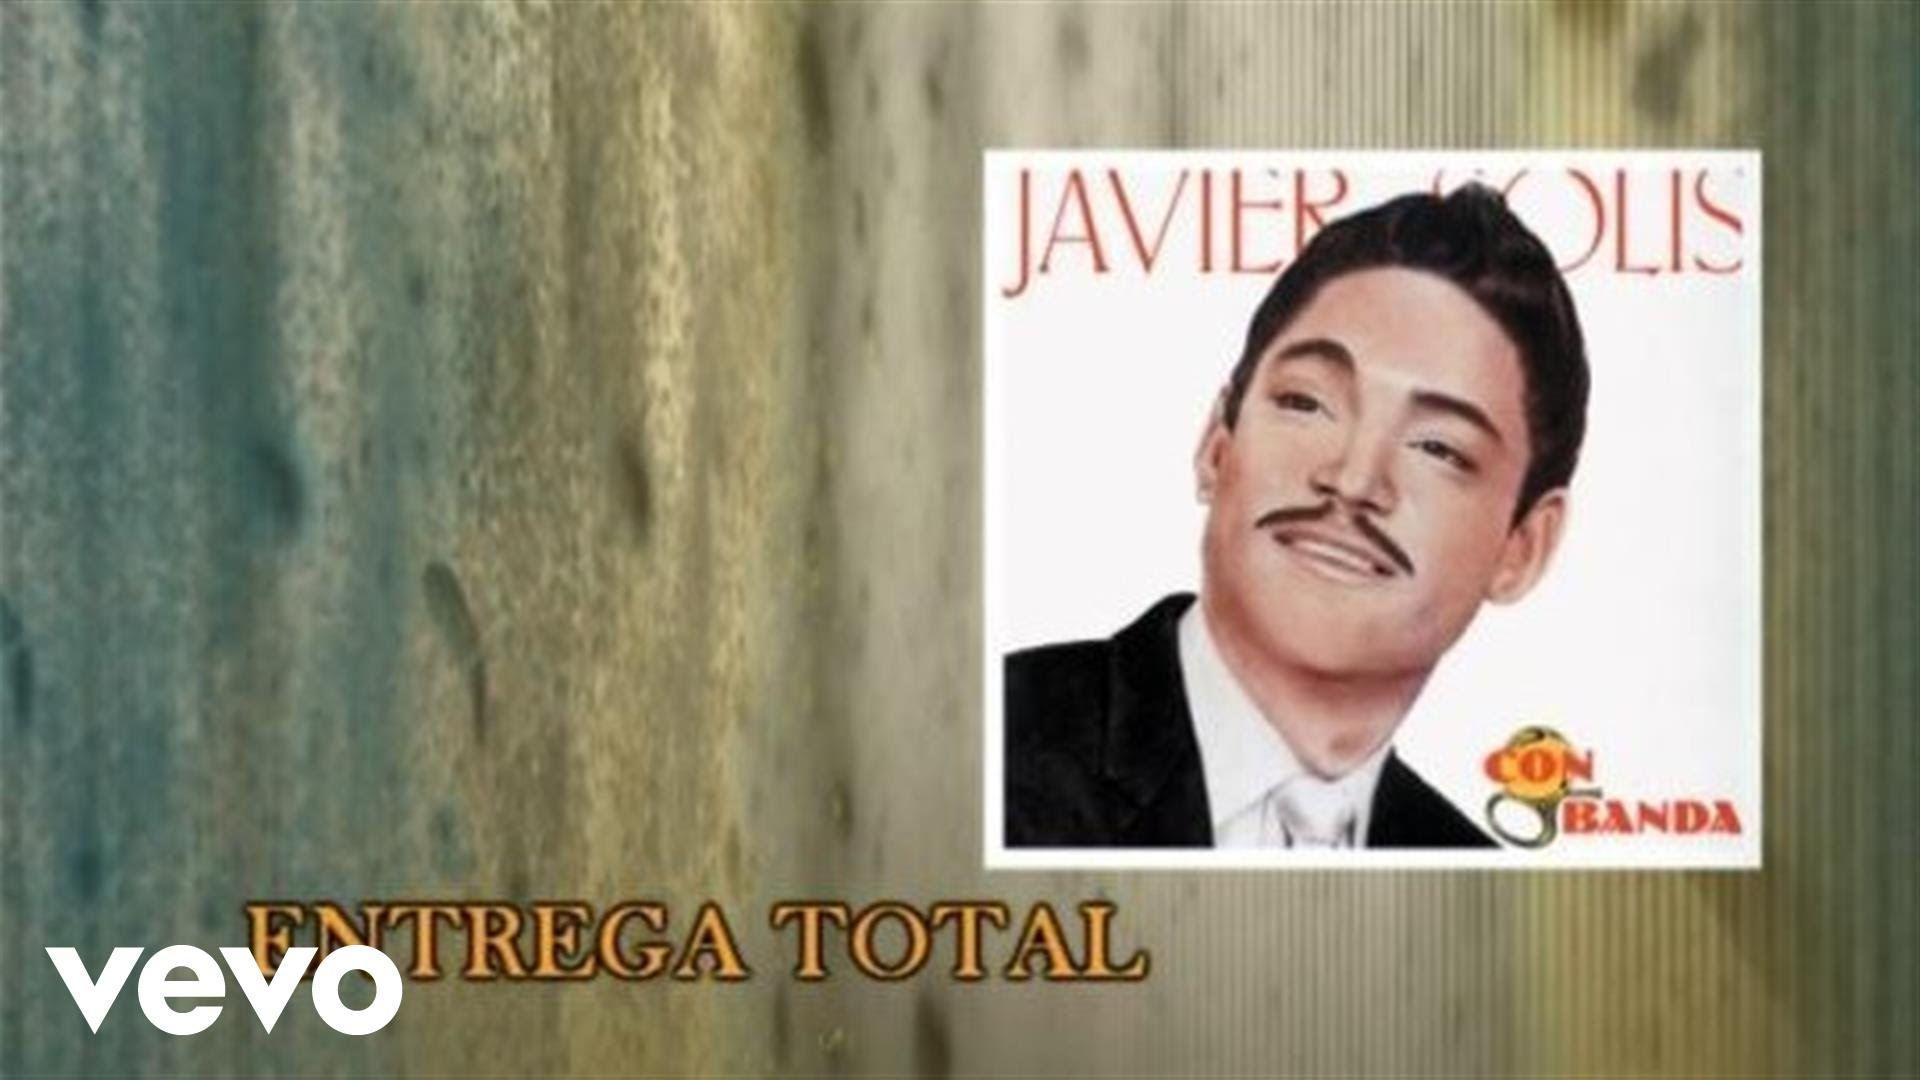 javier solis entrega total descargar musica